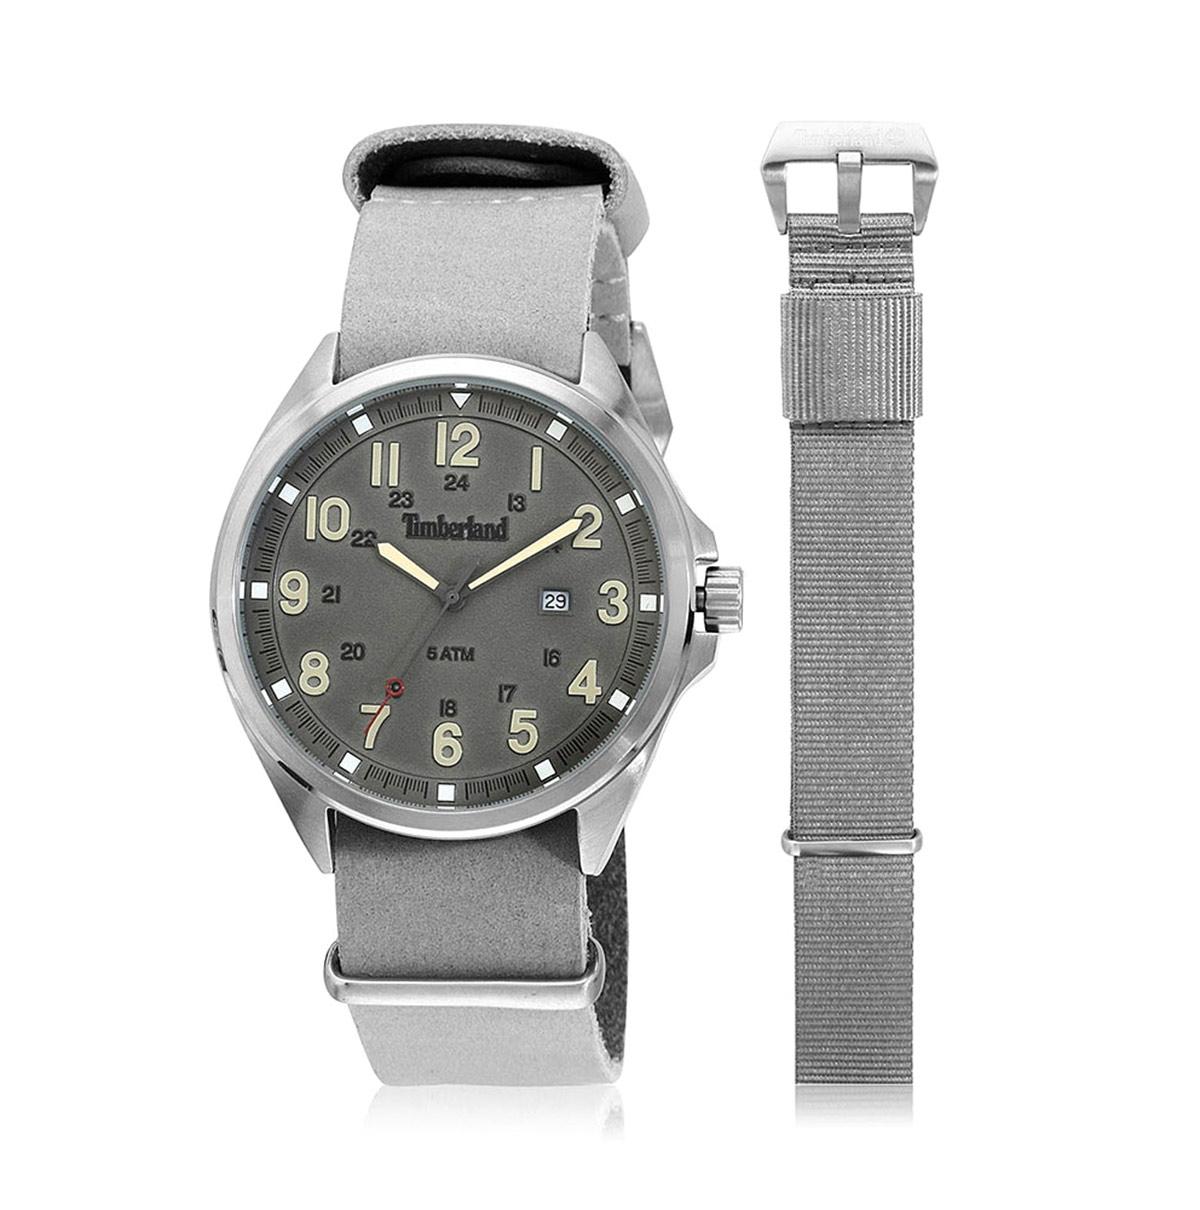 orologio timberland grigio